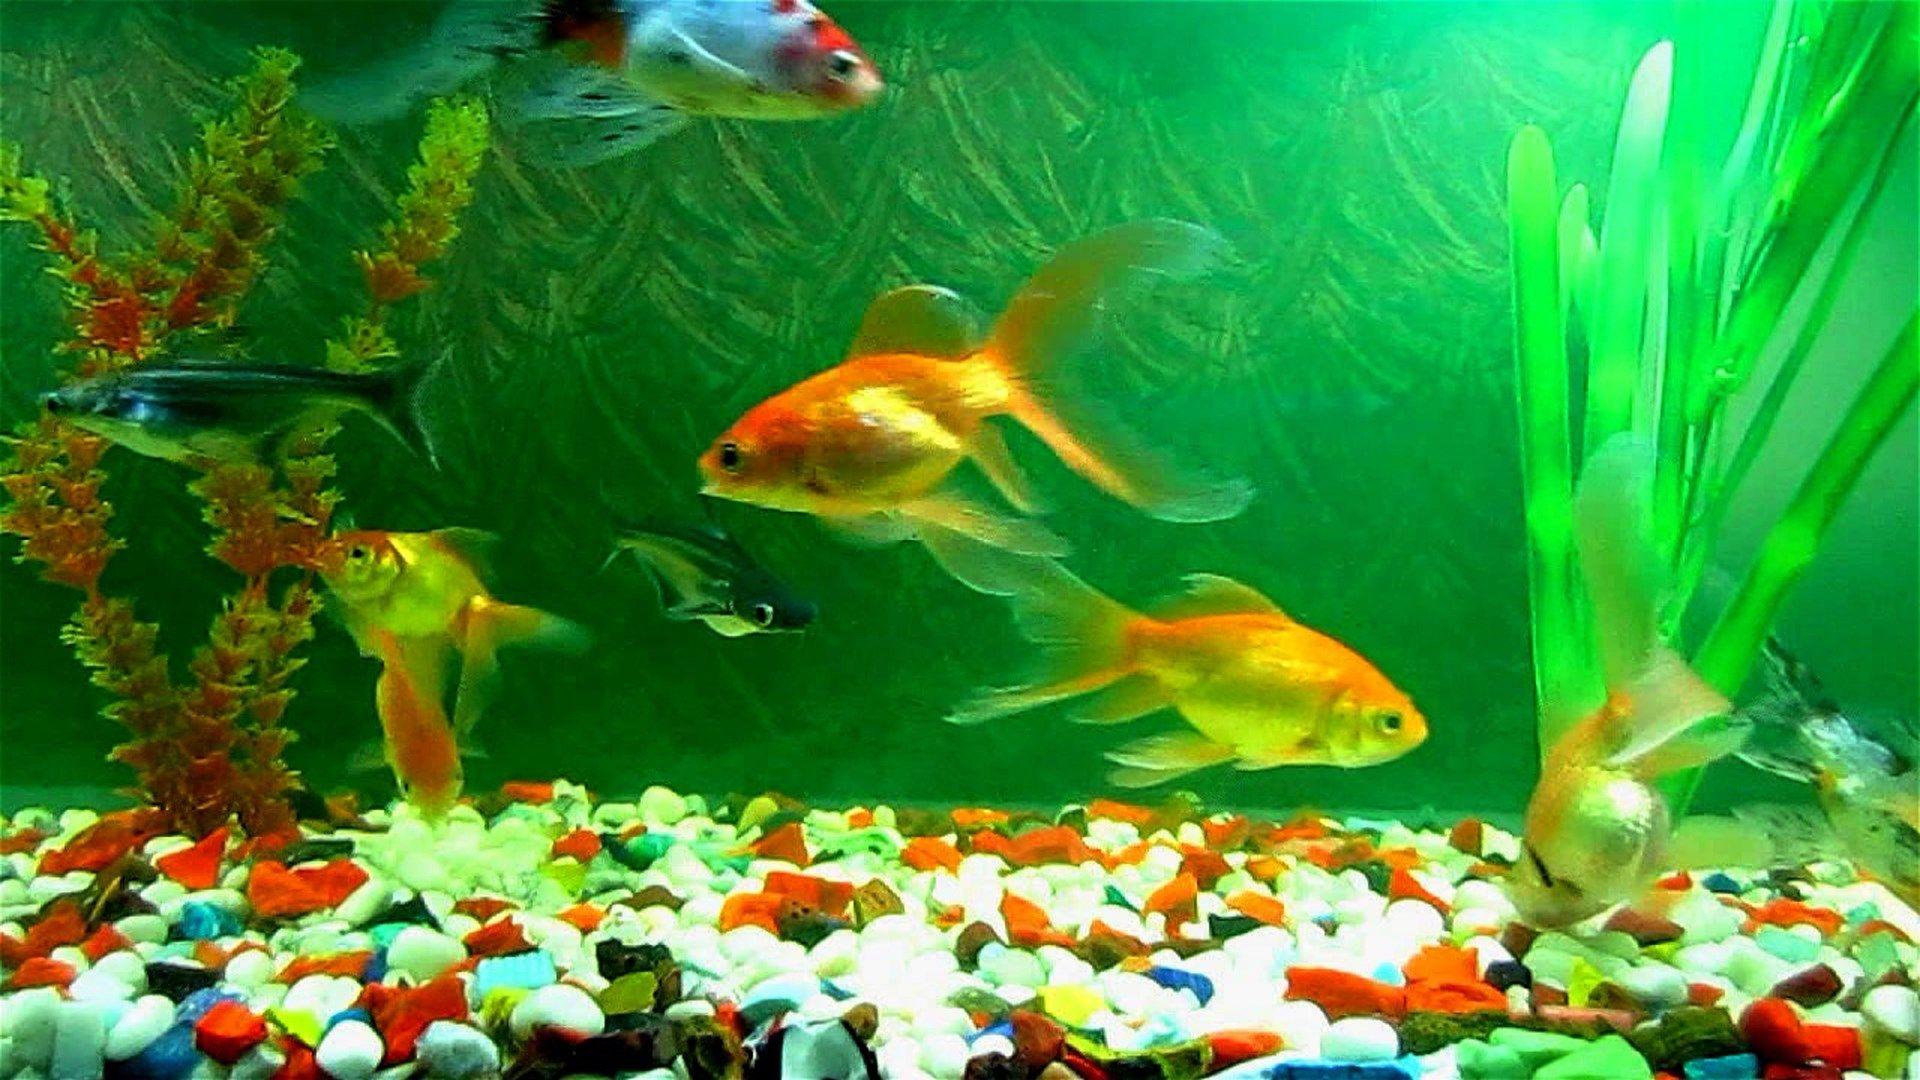 aquarium fish tank wallpaper hd 1080p | ololoshenka | Fish wallpaper, Aquarium backgrounds, Live ...